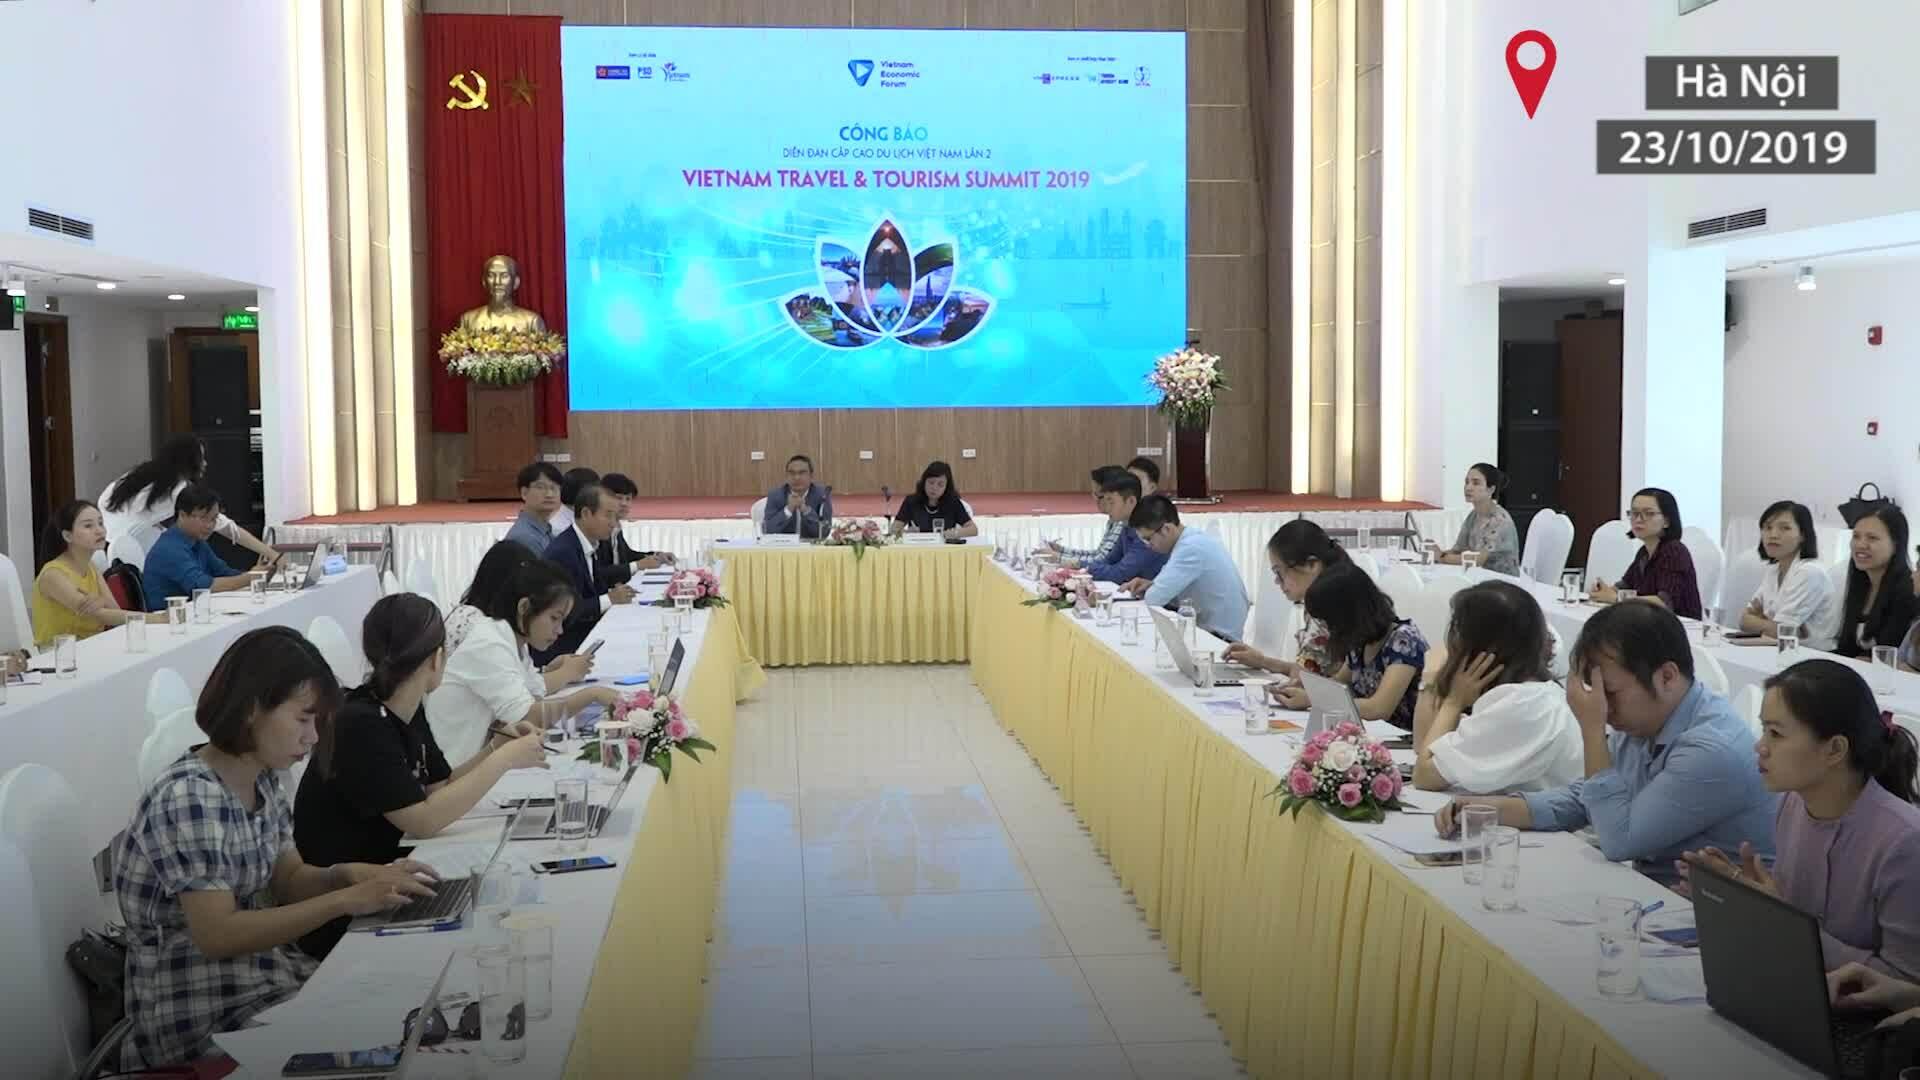 Công báo Diễn đàn Cấp cao Du lịch Việt Nam lần 2